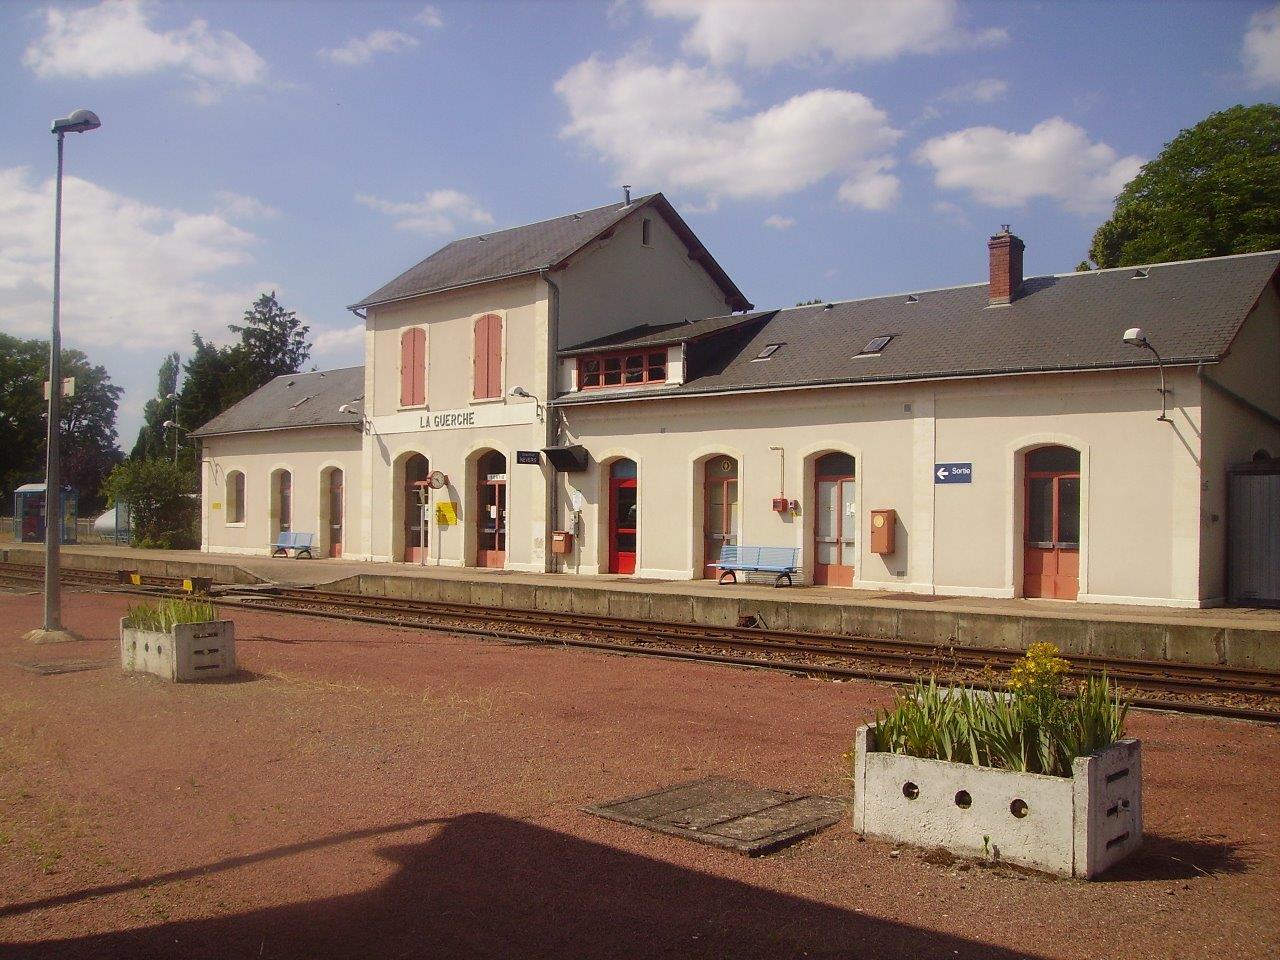 gare-de-la-guerche-sur-l-aubois-train-station